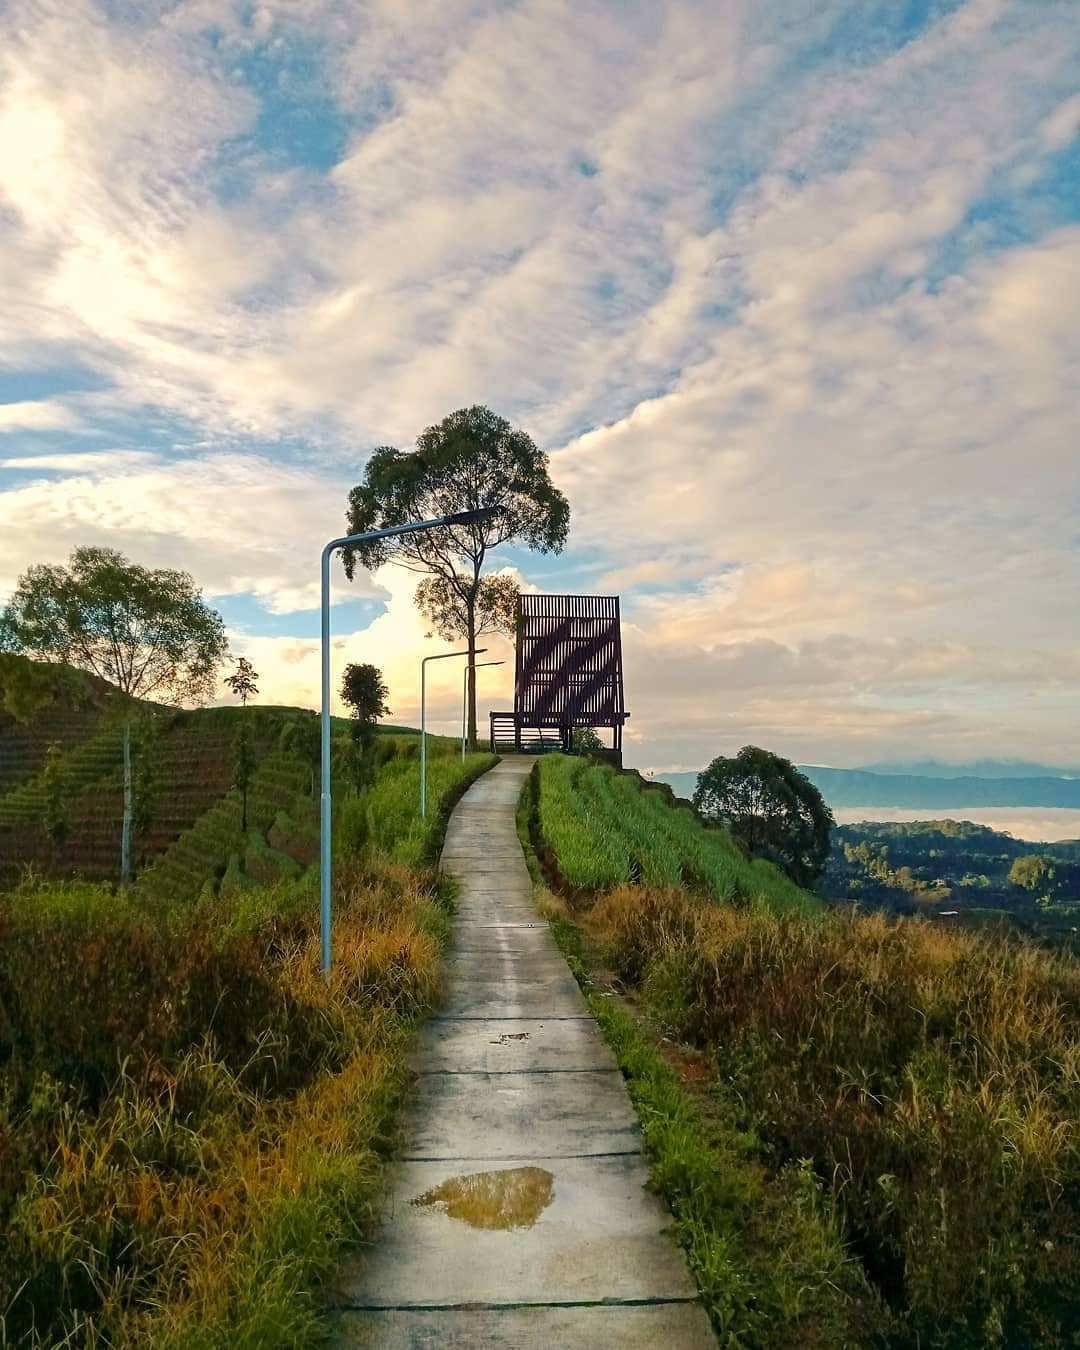 Pemandangan Jalan Setapak di Terasering Panyaweuyan, Image From @rikza_zainul_umam